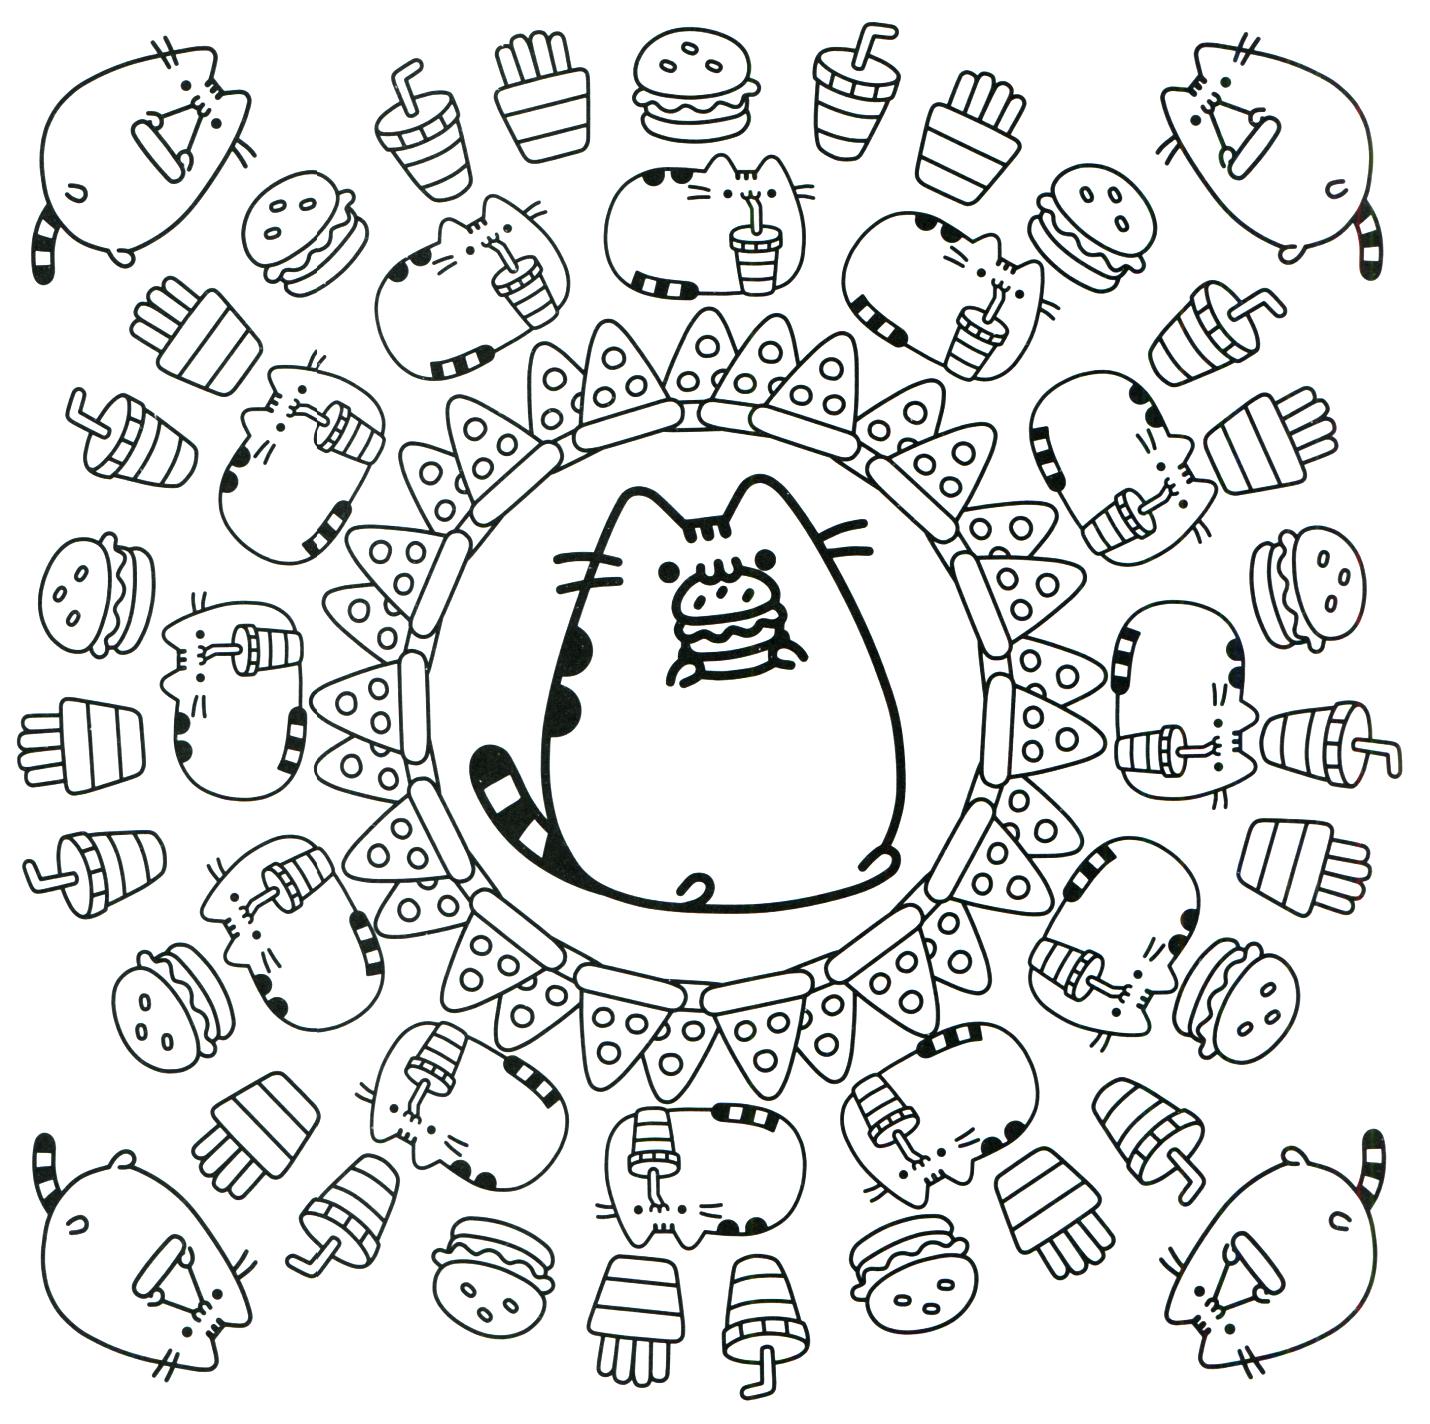 Pusheen Coloring Book Pusheen Pusheen The Cat Pusheen Coloring Pages Cute Coloring Pages Cat Coloring Page